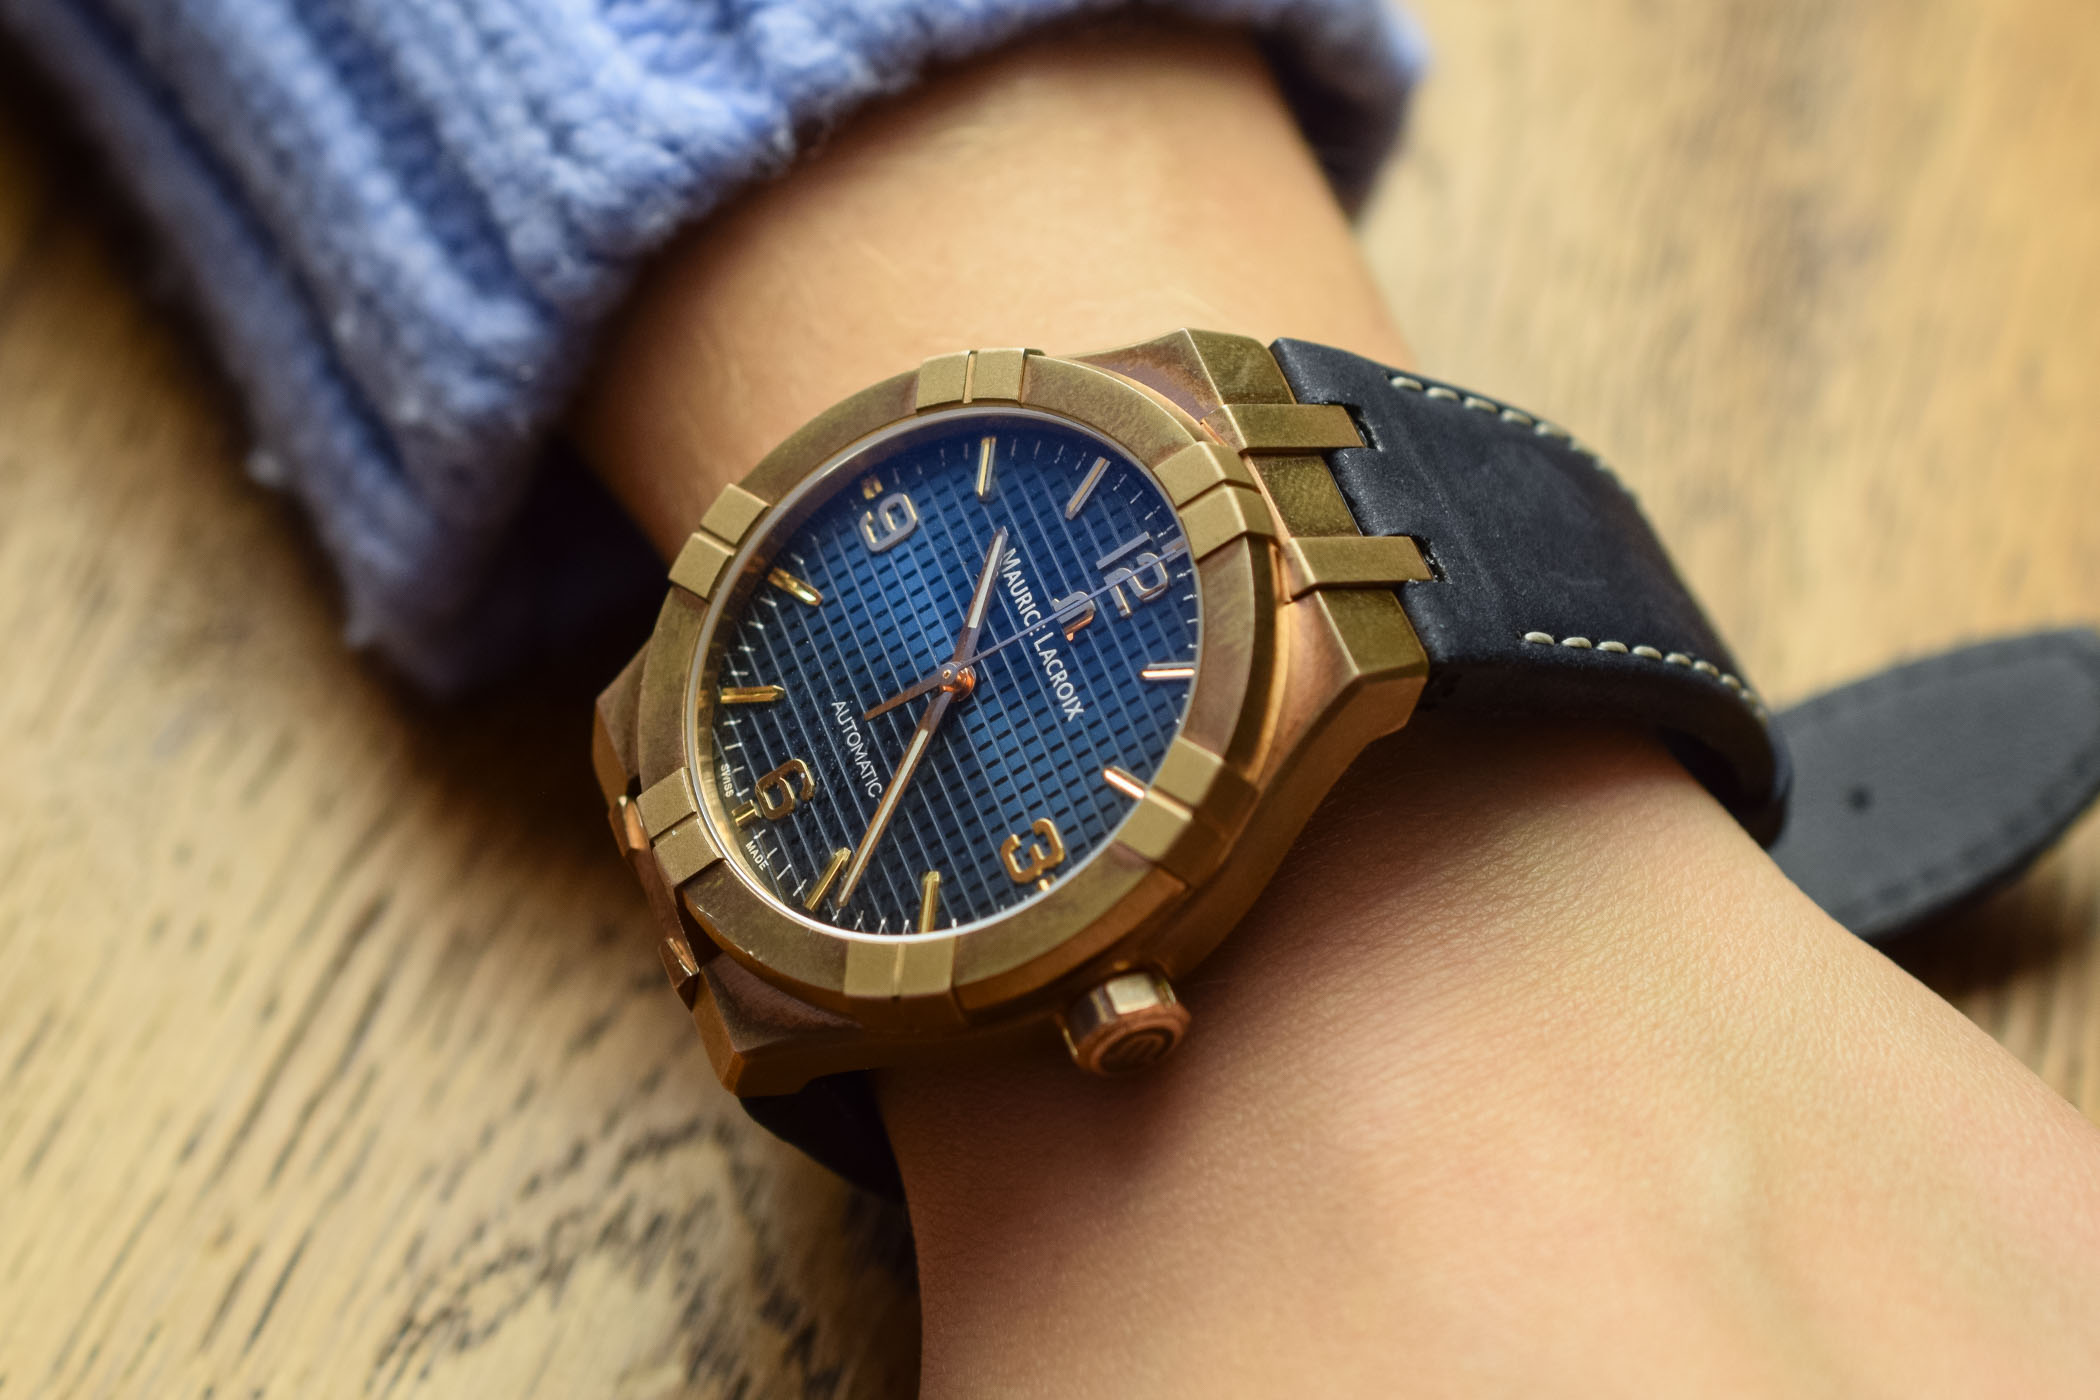 Thu mua đồng hồ Maurice Lacroix cũ giá cao toàn quốc